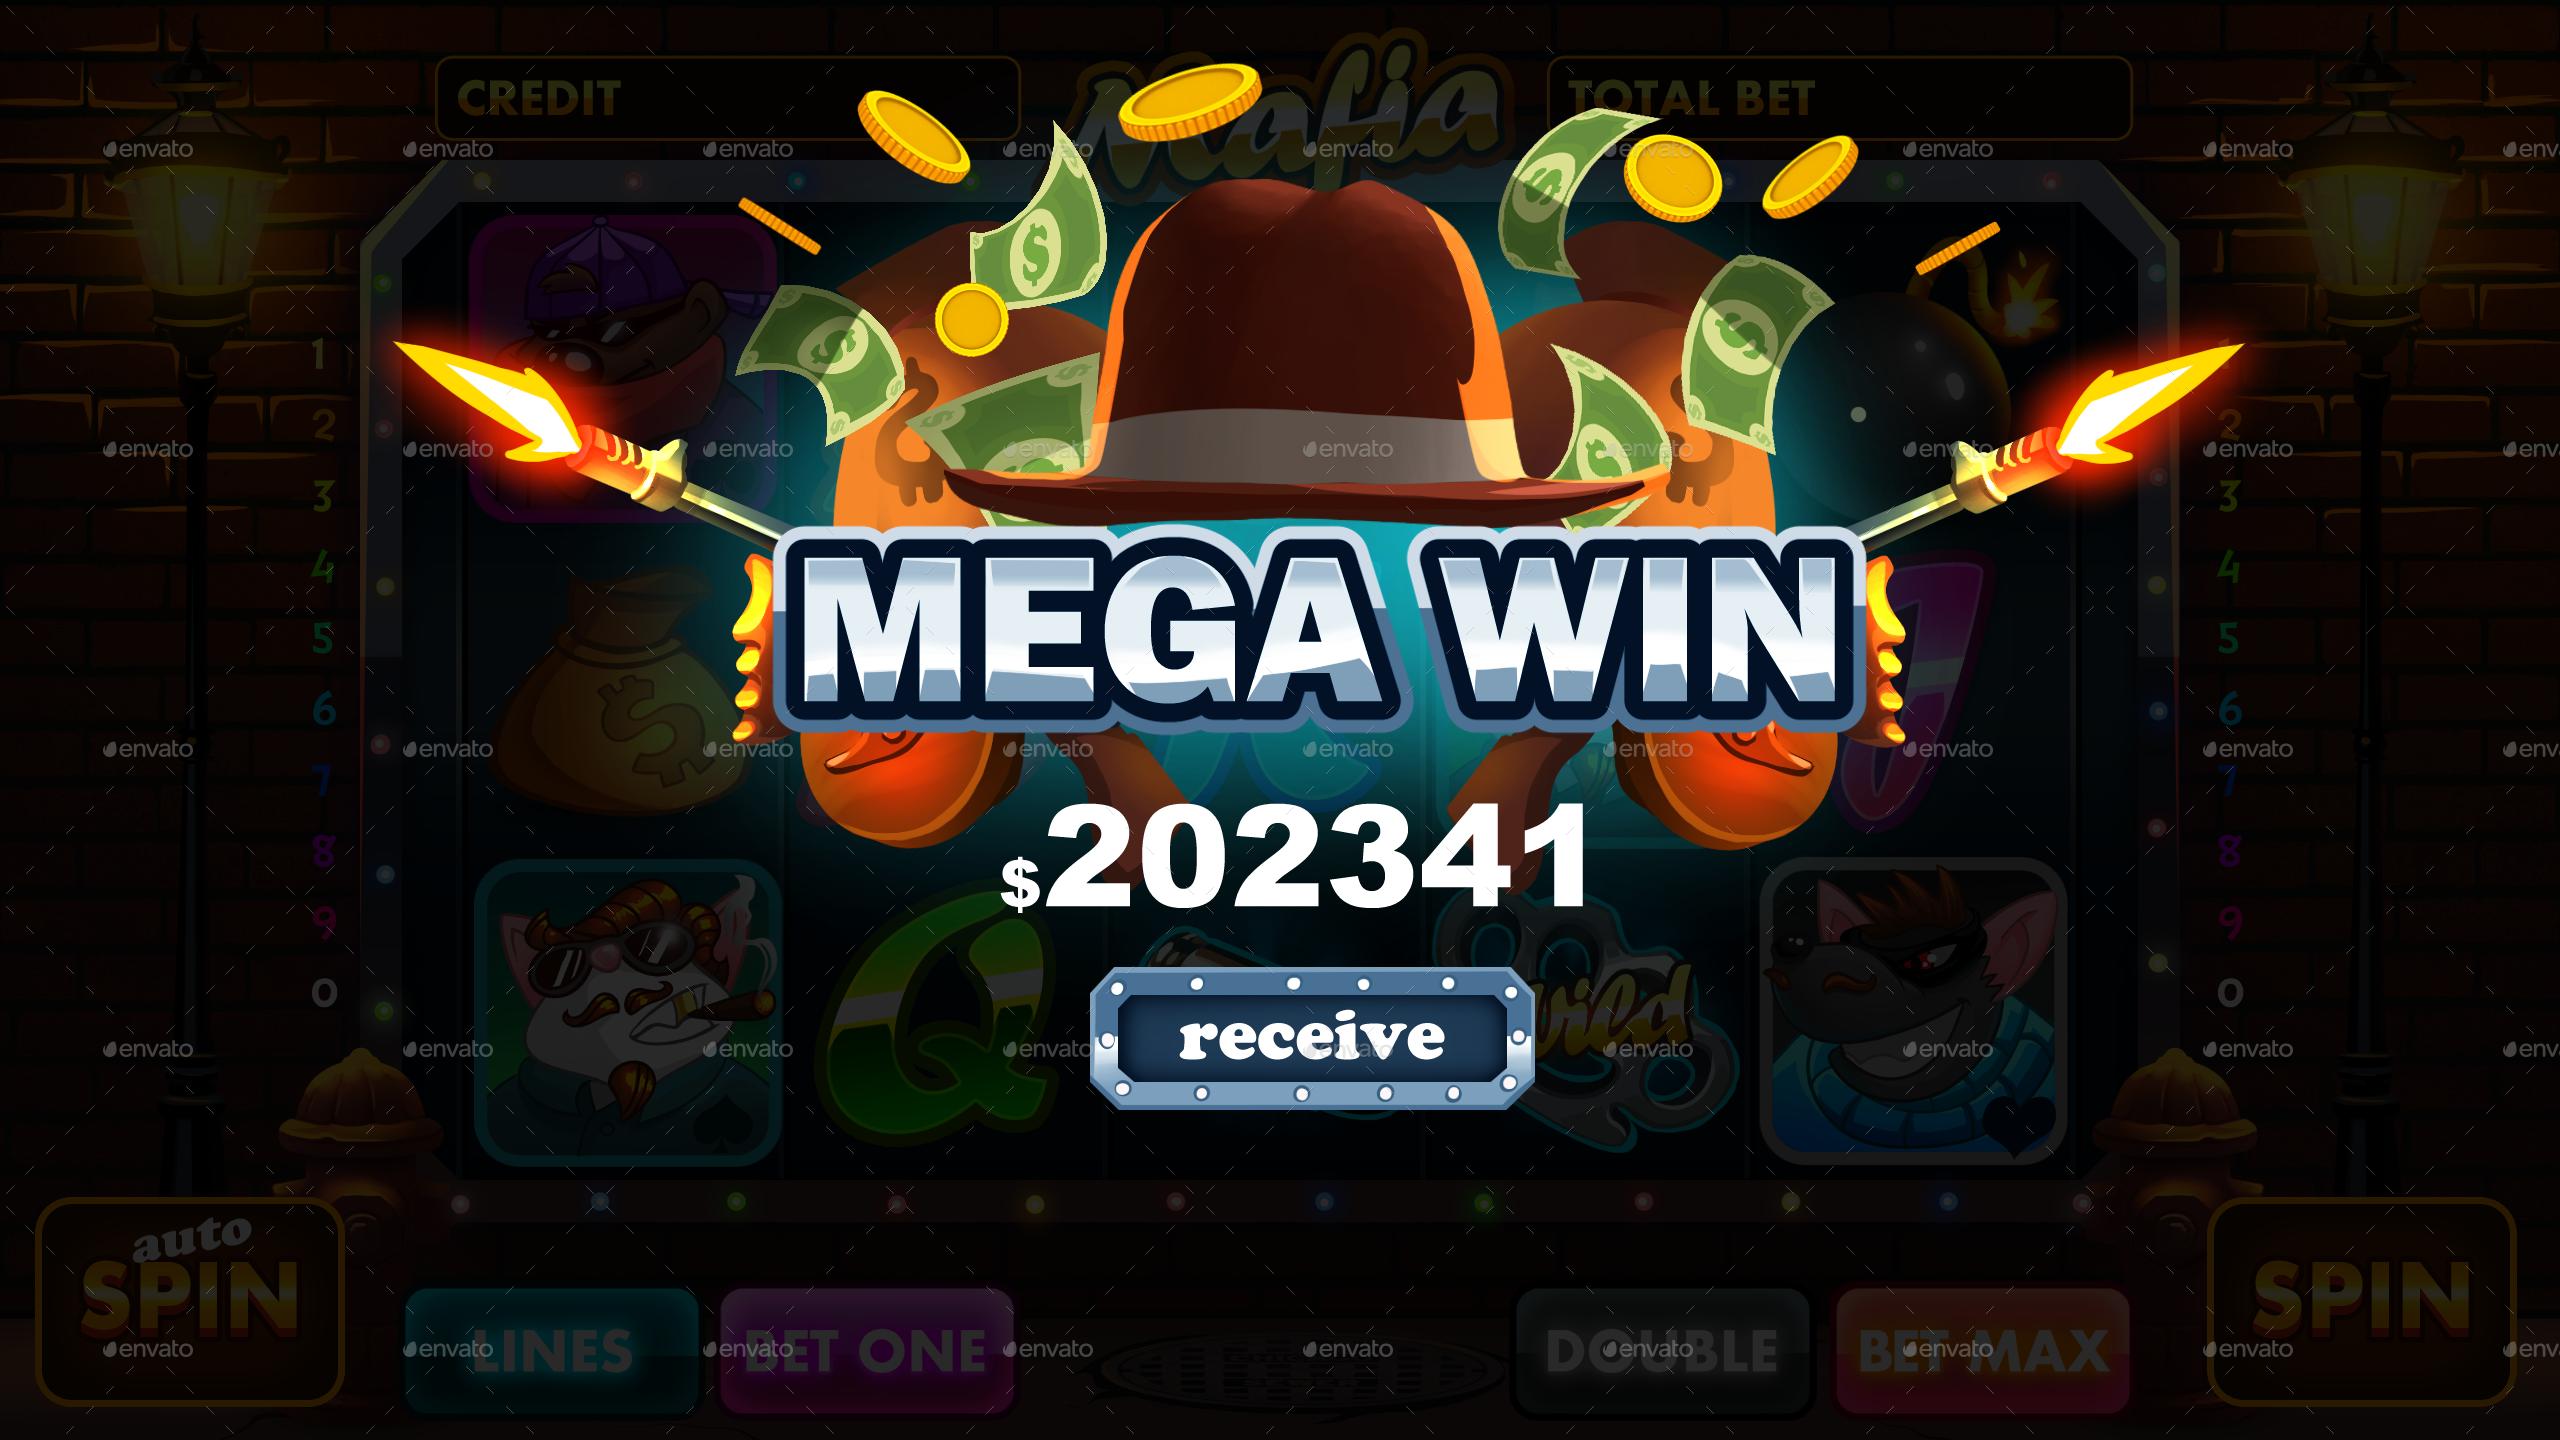 Mafia slot game kit   Slots games, Game assets, Mafia